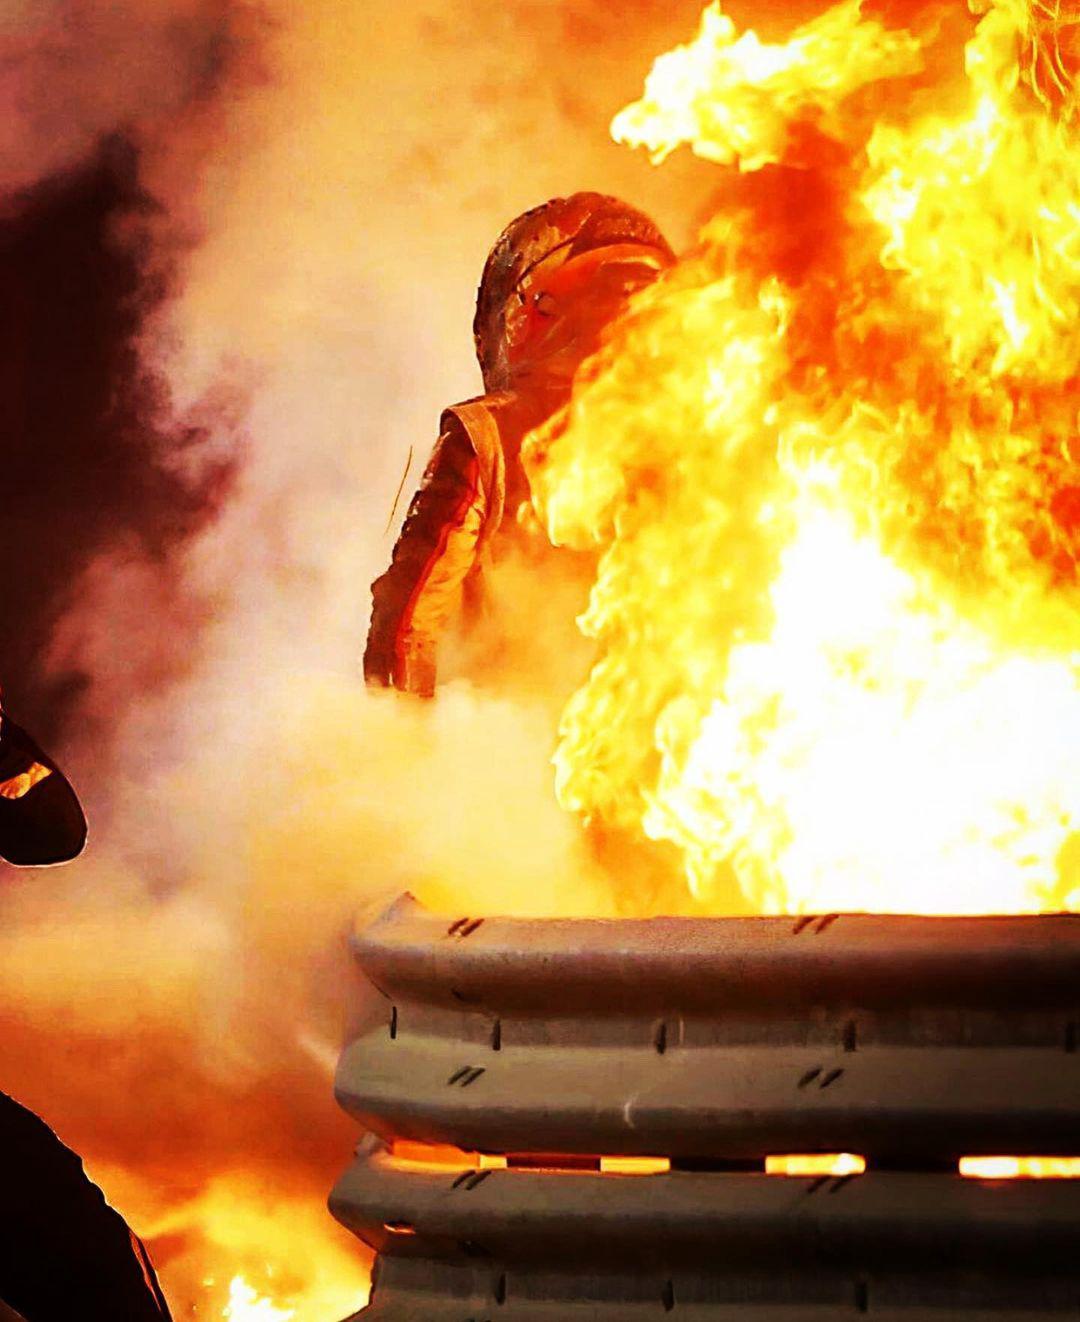 格罗斯让自述火中28秒:终身难忘 看着死神来临